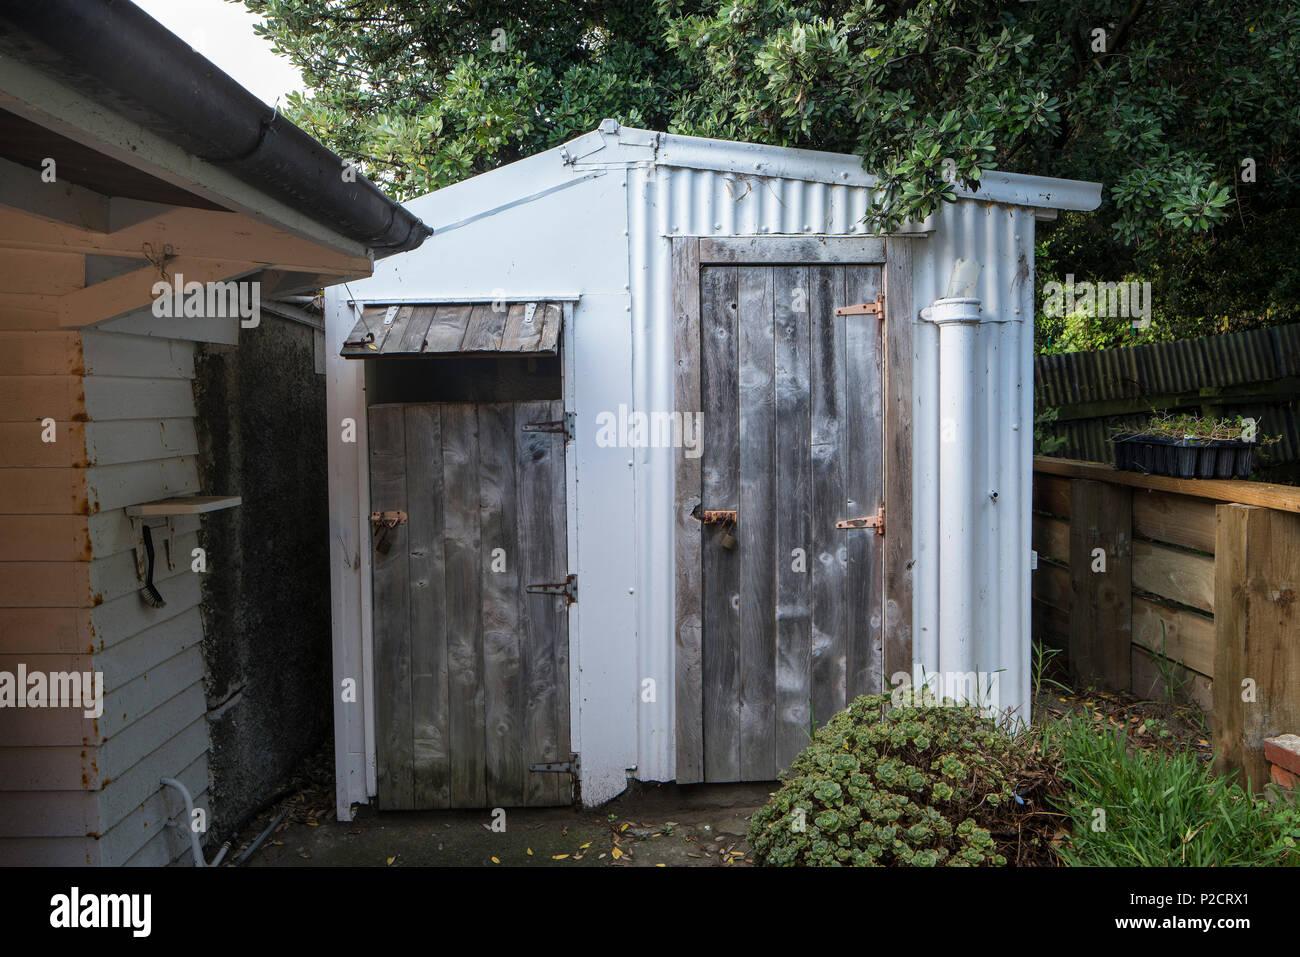 Die Toilette Und Die Dusche Im Freien Dunny Mit Wellblech Und Holz